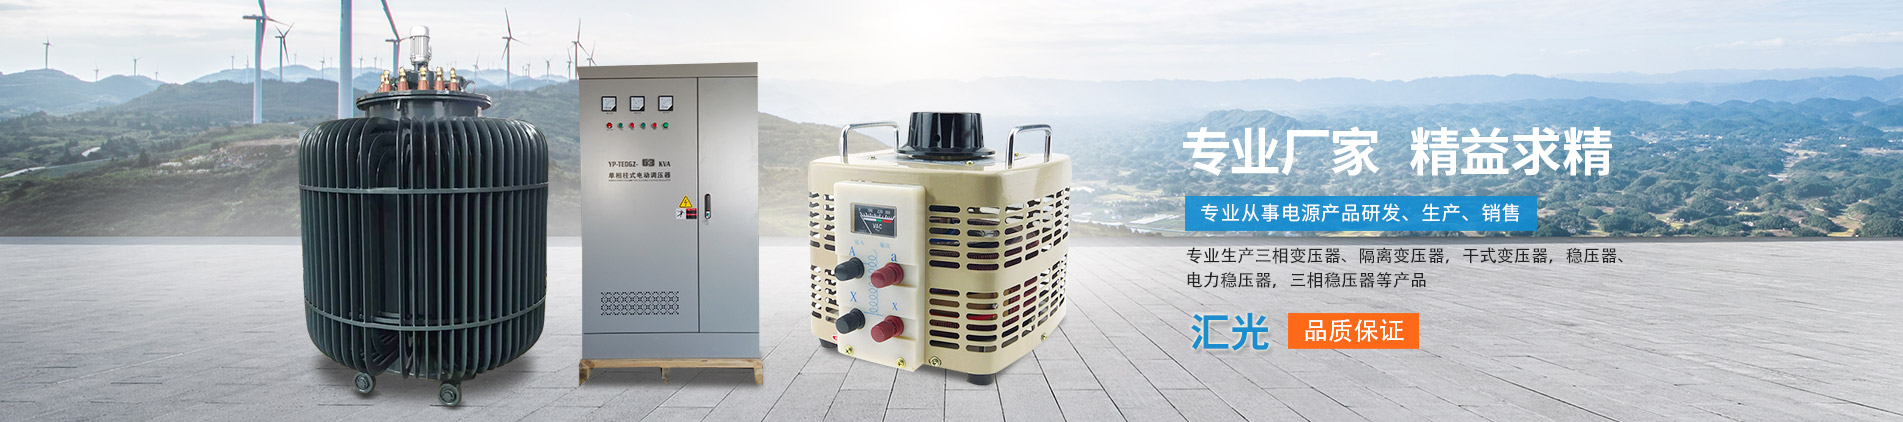 广电通讯专用稳压器_上海汇光电气有限公司